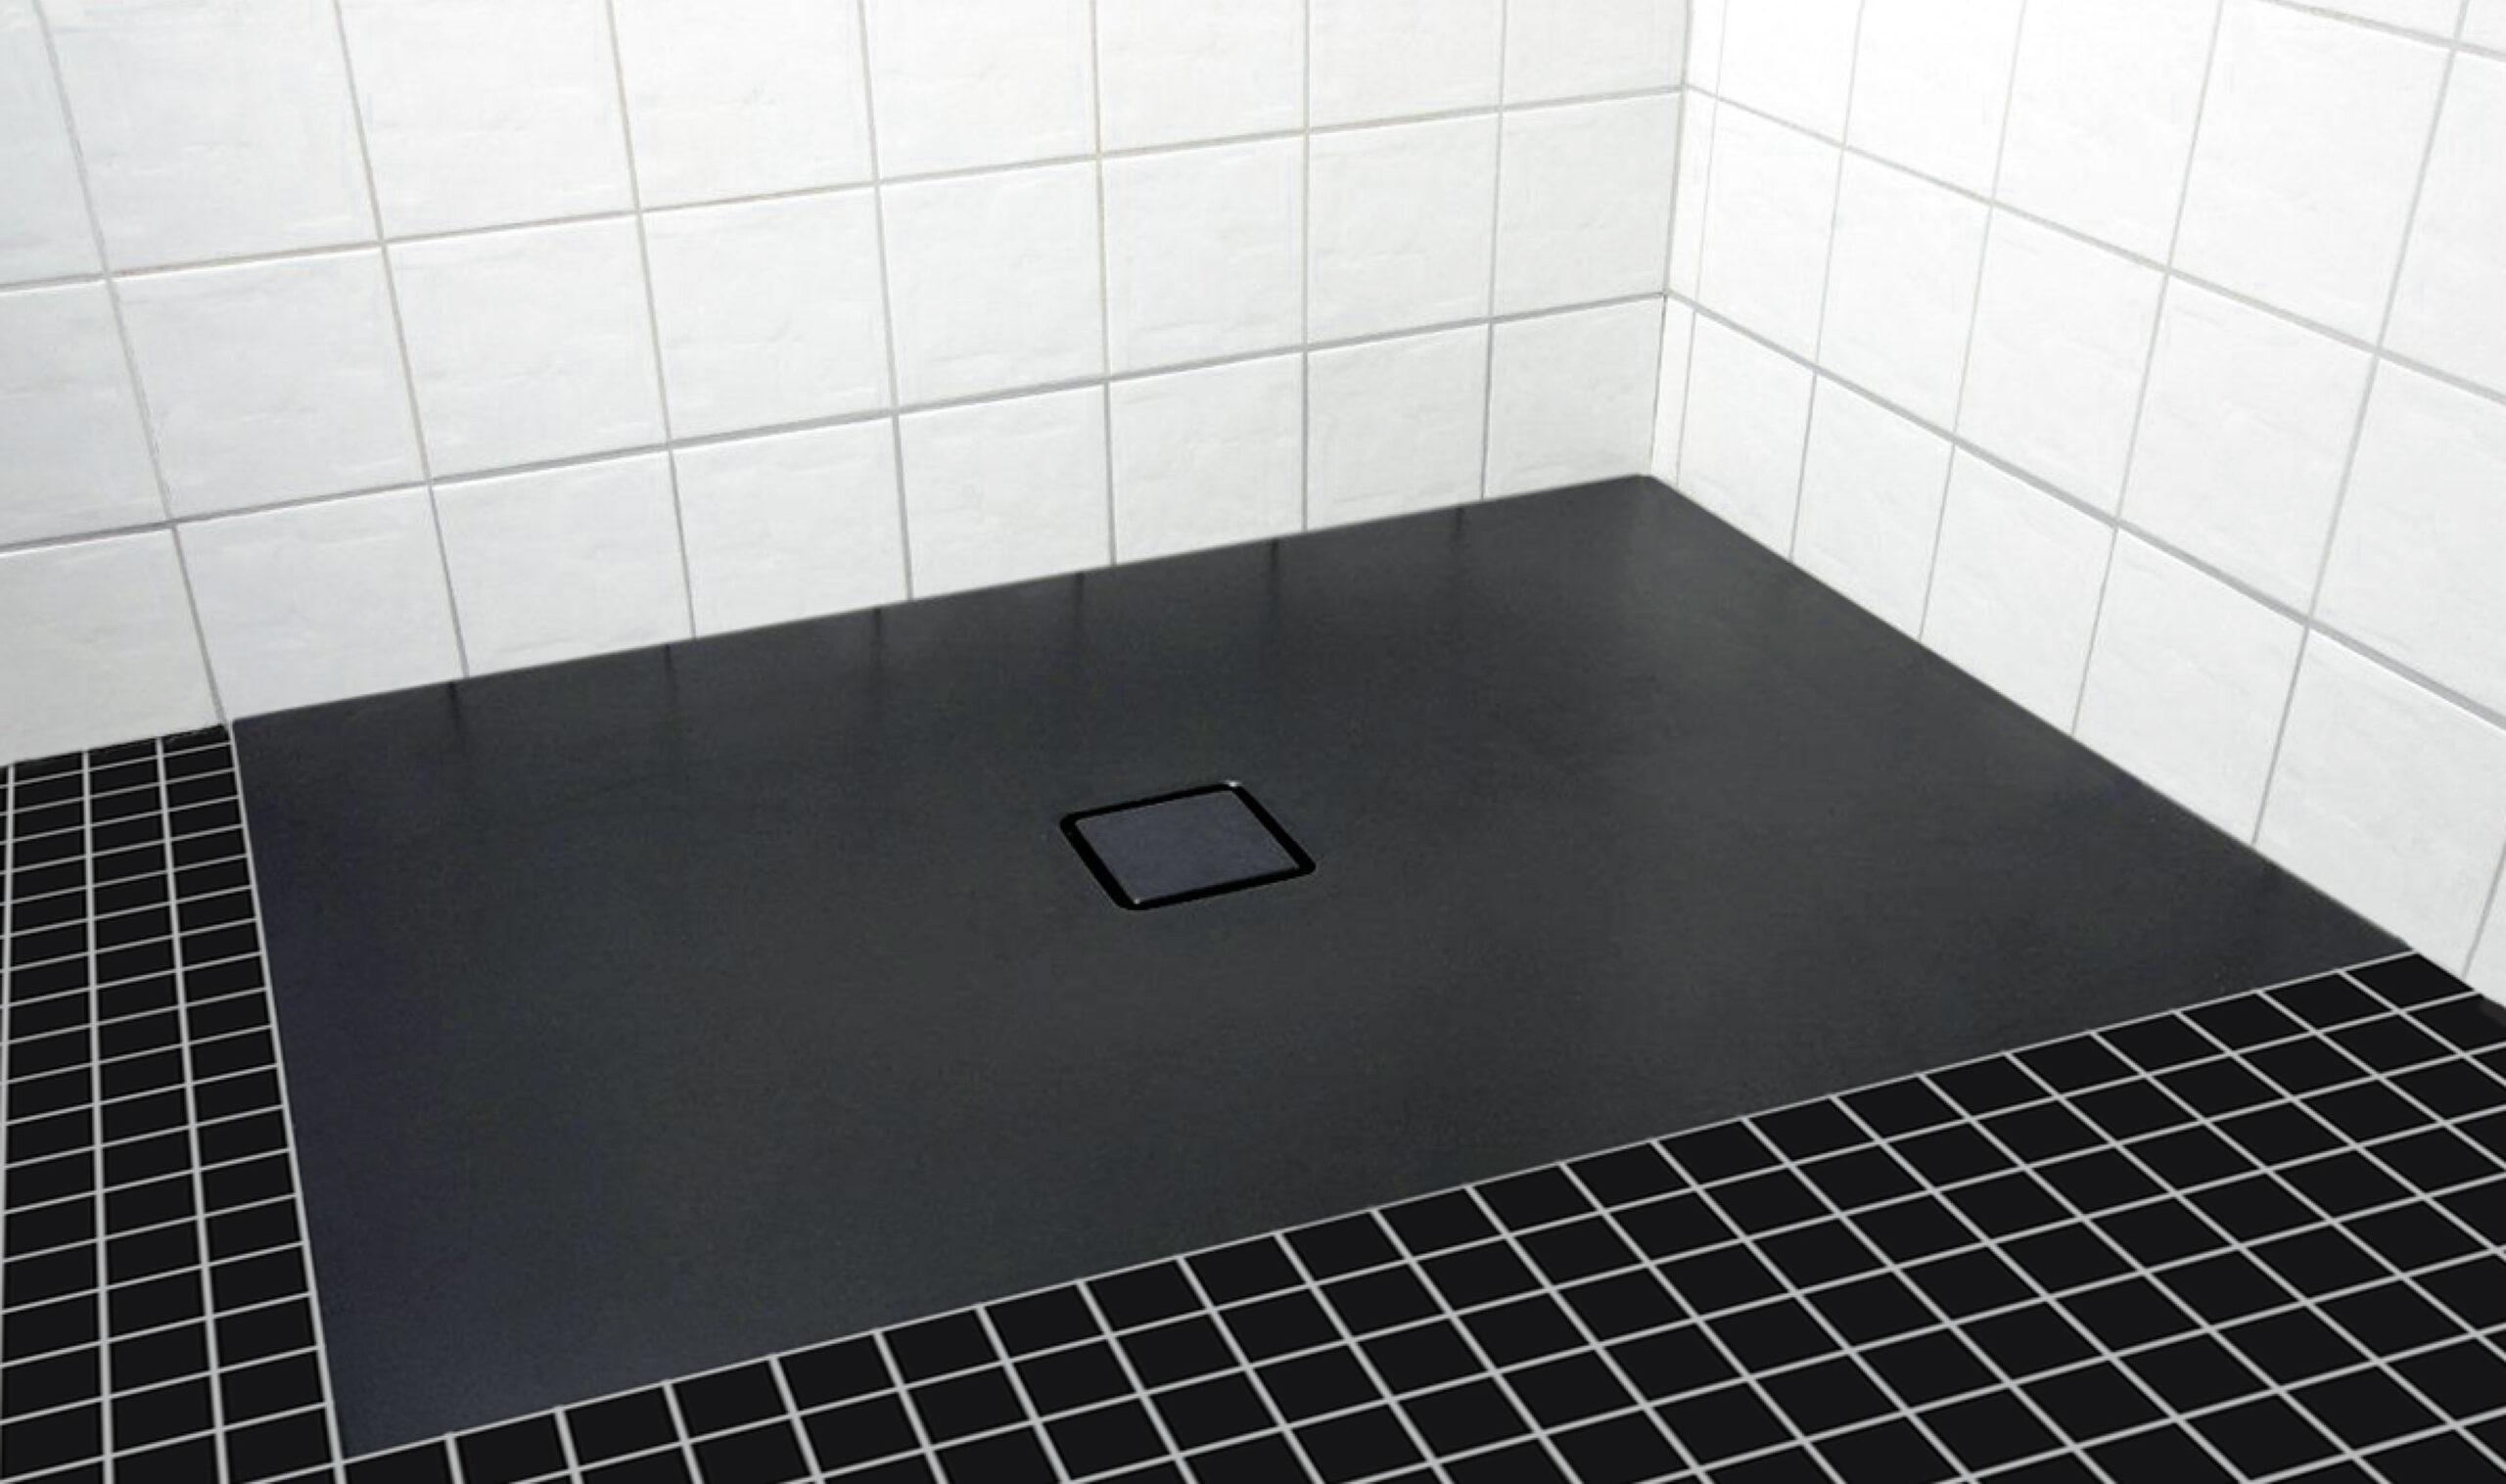 Full Size of Bodengleiche Dusche Einbauen Einfach Und Schnell Geflieste Duschbereiche Lassen Sich Mit Begehbare Fliesen Schulte Duschen Werksverkauf Hüppe Antirutschmatte Dusche Bodengleiche Dusche Einbauen